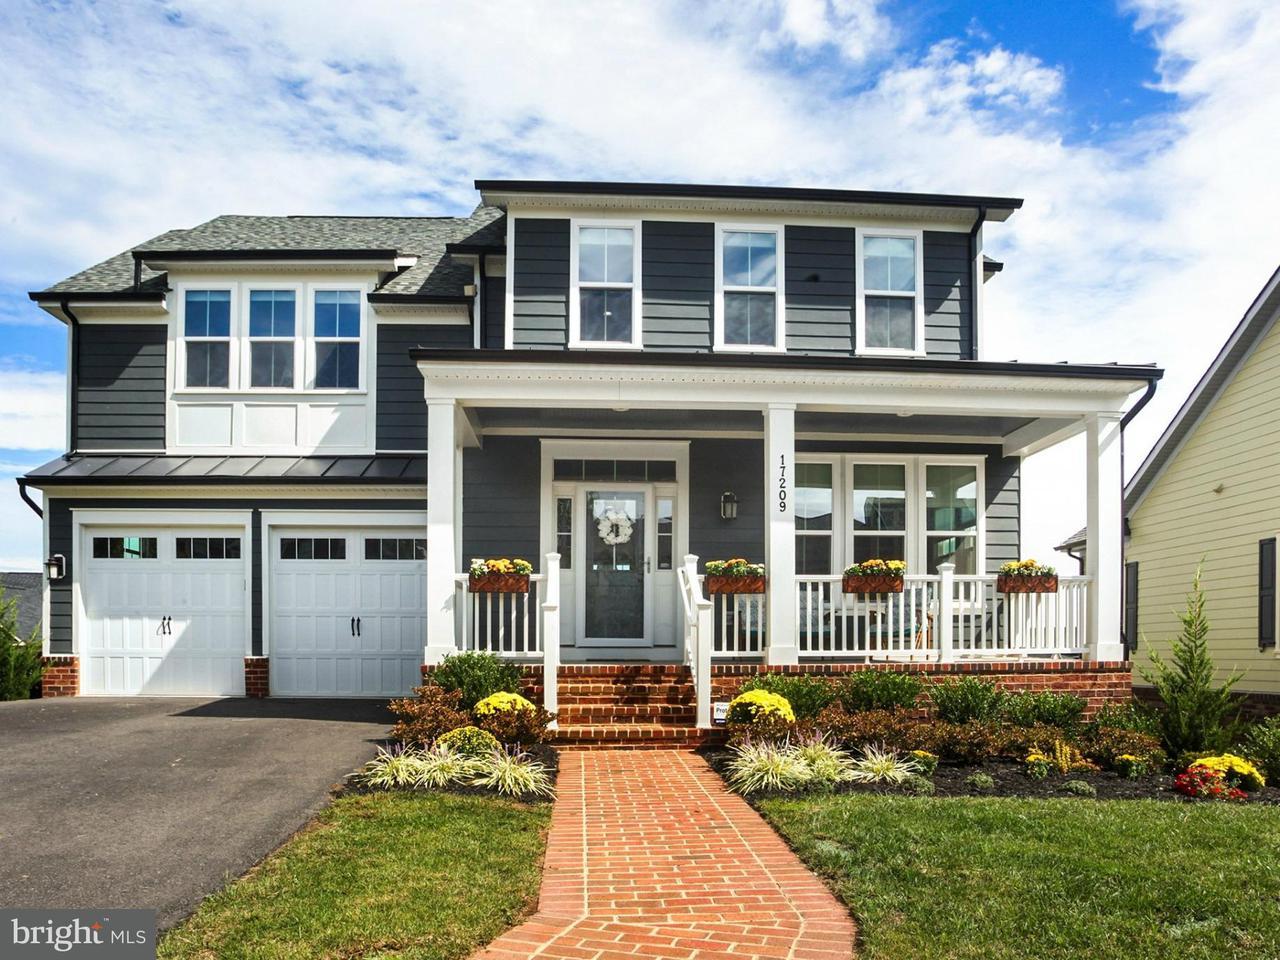 Частный односемейный дом для того Продажа на 17209 FLATSTICK Court 17209 FLATSTICK Court Dumfries, Виргиния 22026 Соединенные Штаты